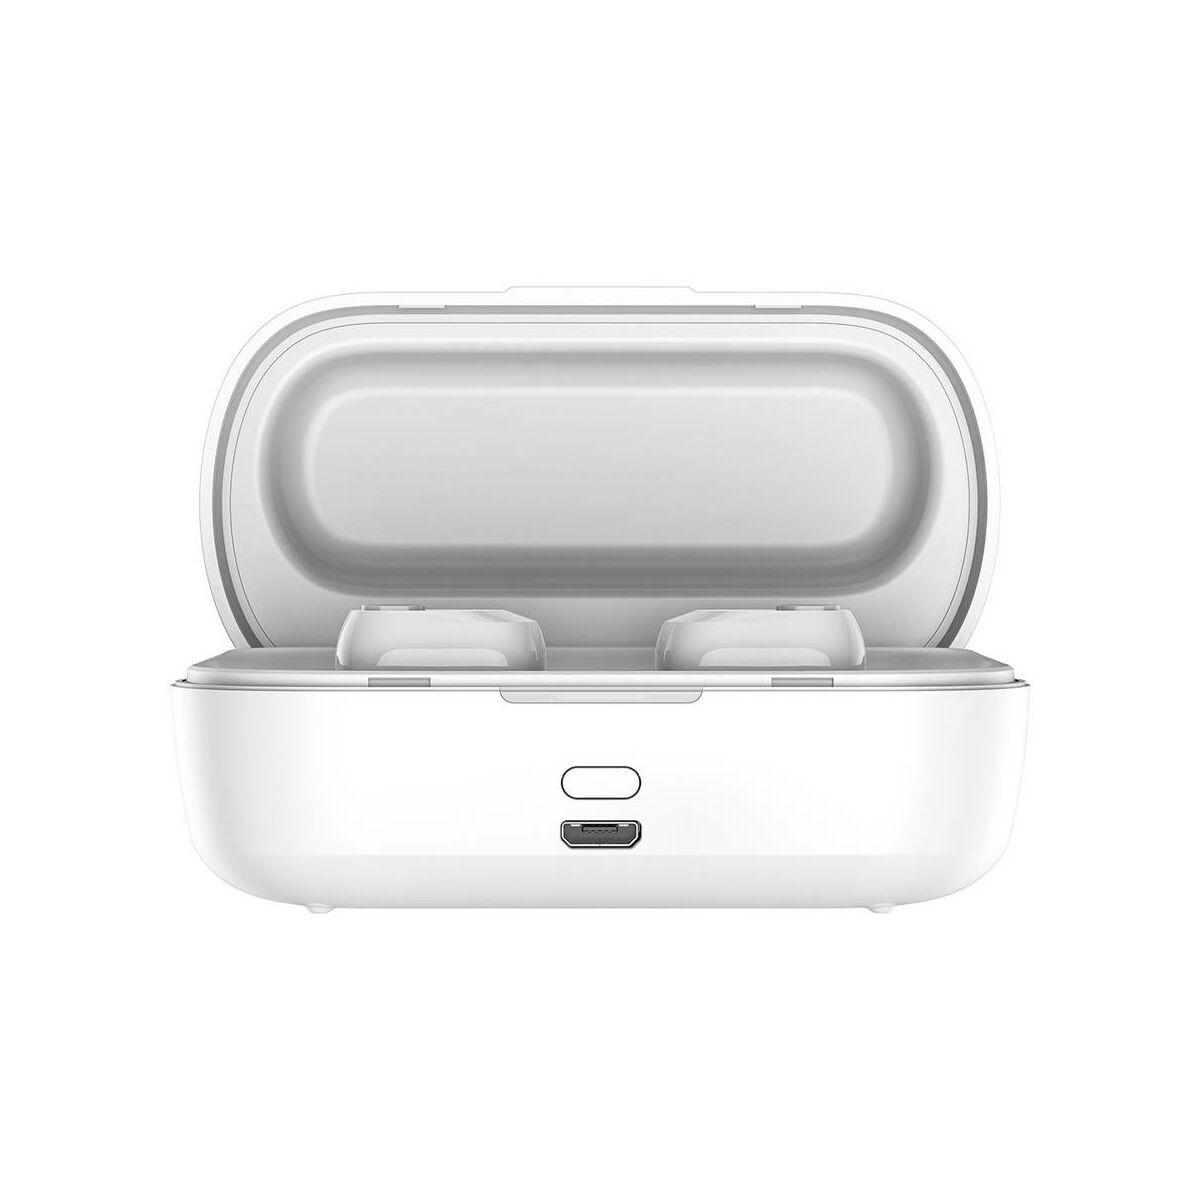 Baseus fülhallgató, Bluetooth Encok W01, vezeték nélküli, fehér (NGW01-02)